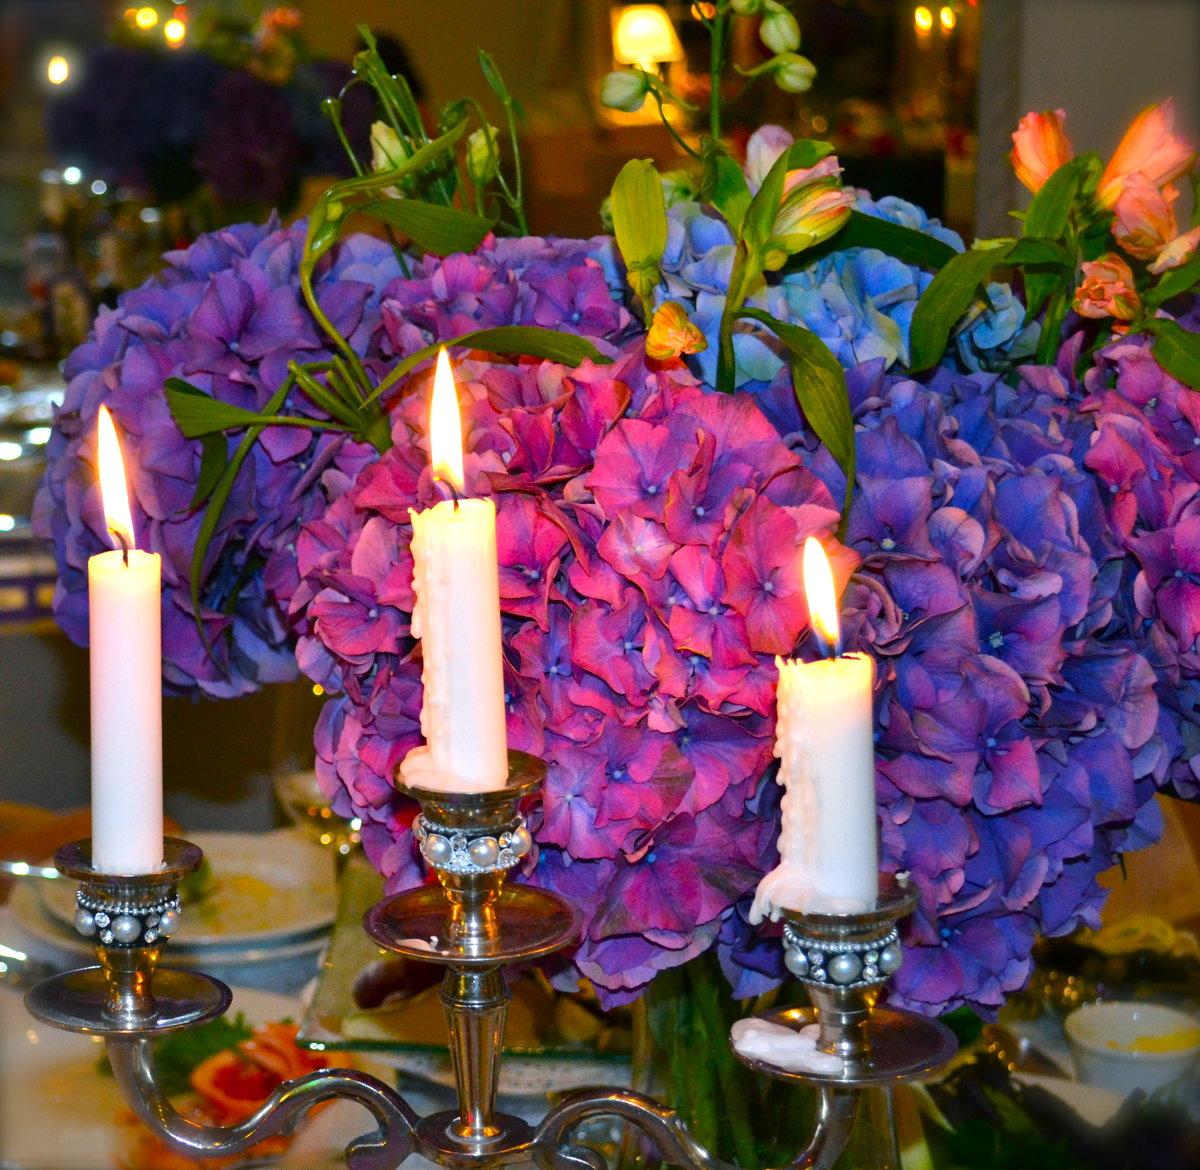 отличие картинки со свечами с цветами новый год